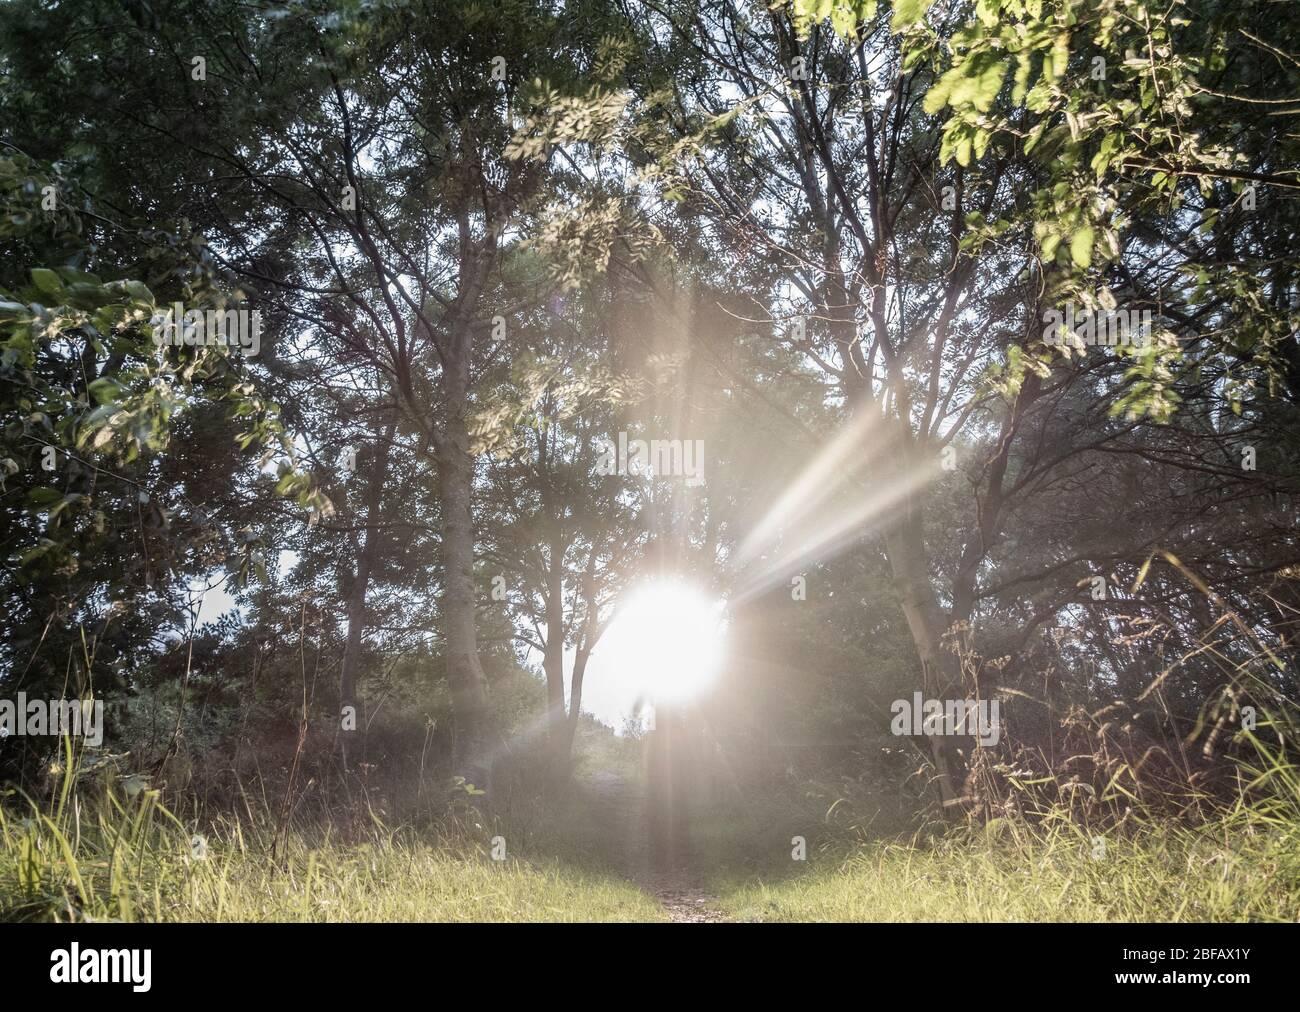 Linterna, haz de luz en los bosques, bosque por la noche. Concepto espeluznante, asustadizo Foto de stock